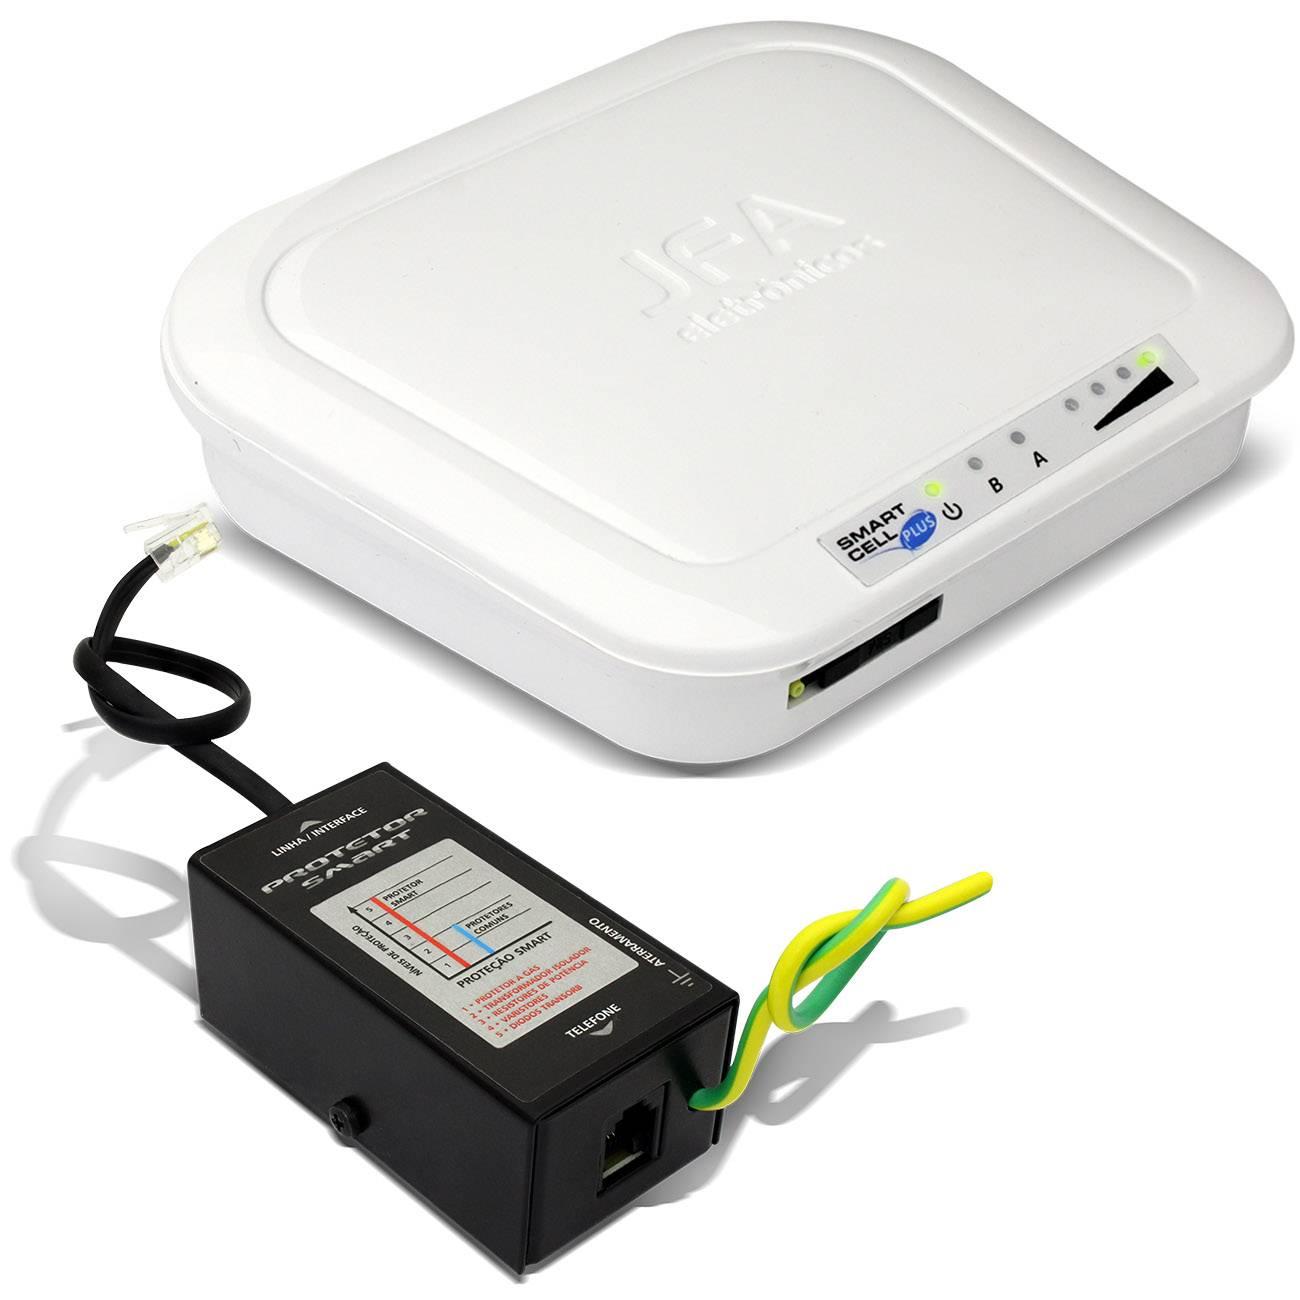 Interface Rural JFA Smart Cell Plus Telefone Celular Fixo PABX Modulo GSM Com Protetor de Linha